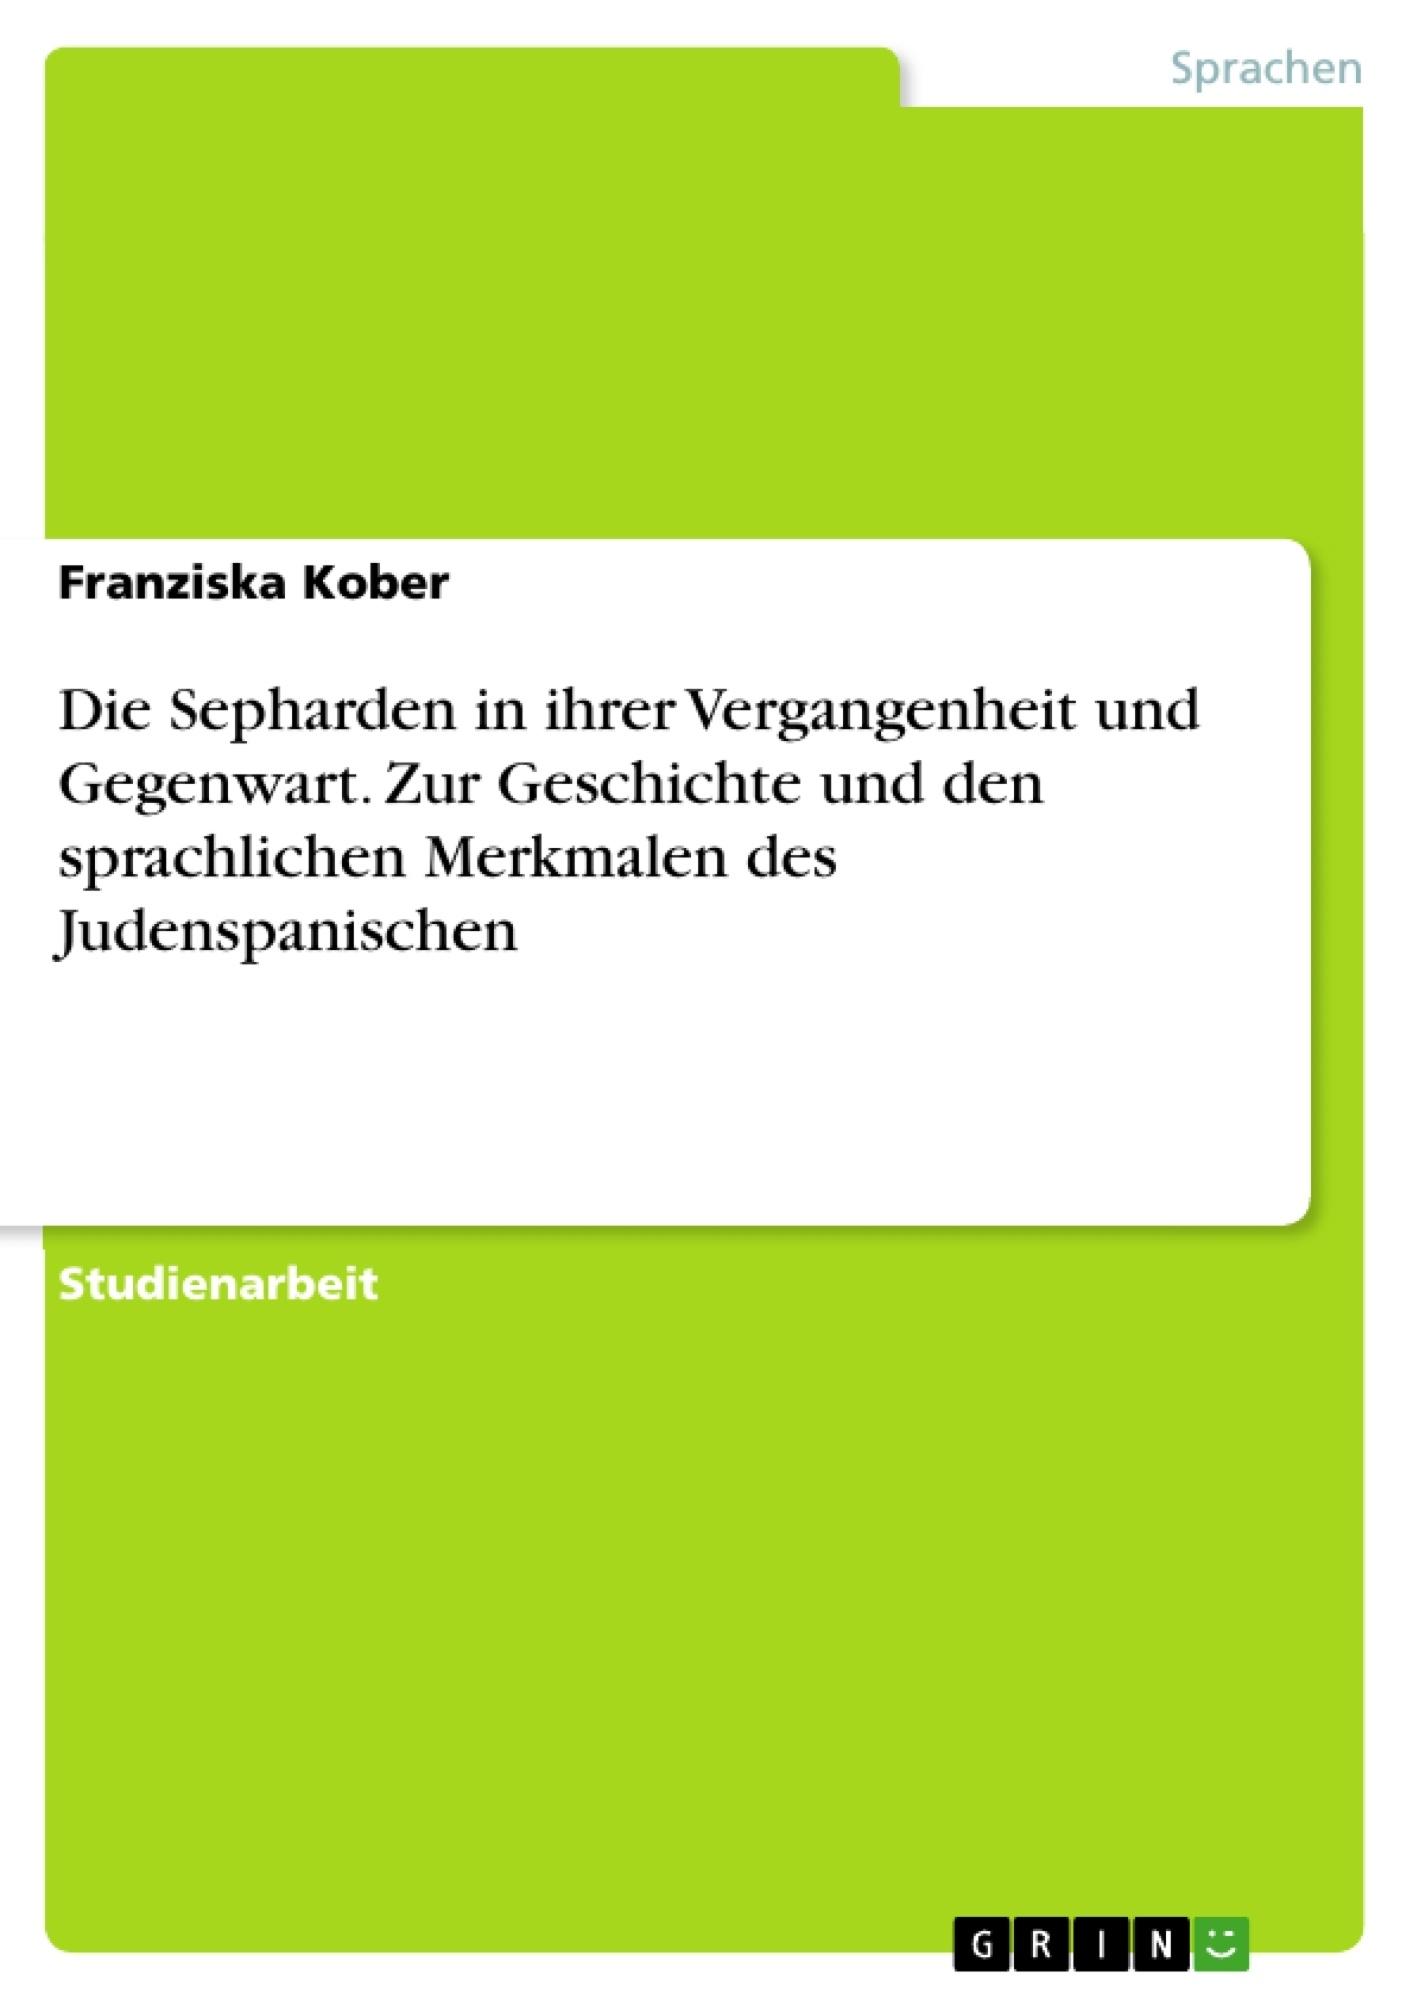 Titel: Die Sepharden in ihrer Vergangenheit und Gegenwart. Zur Geschichte und den sprachlichen Merkmalen des Judenspanischen